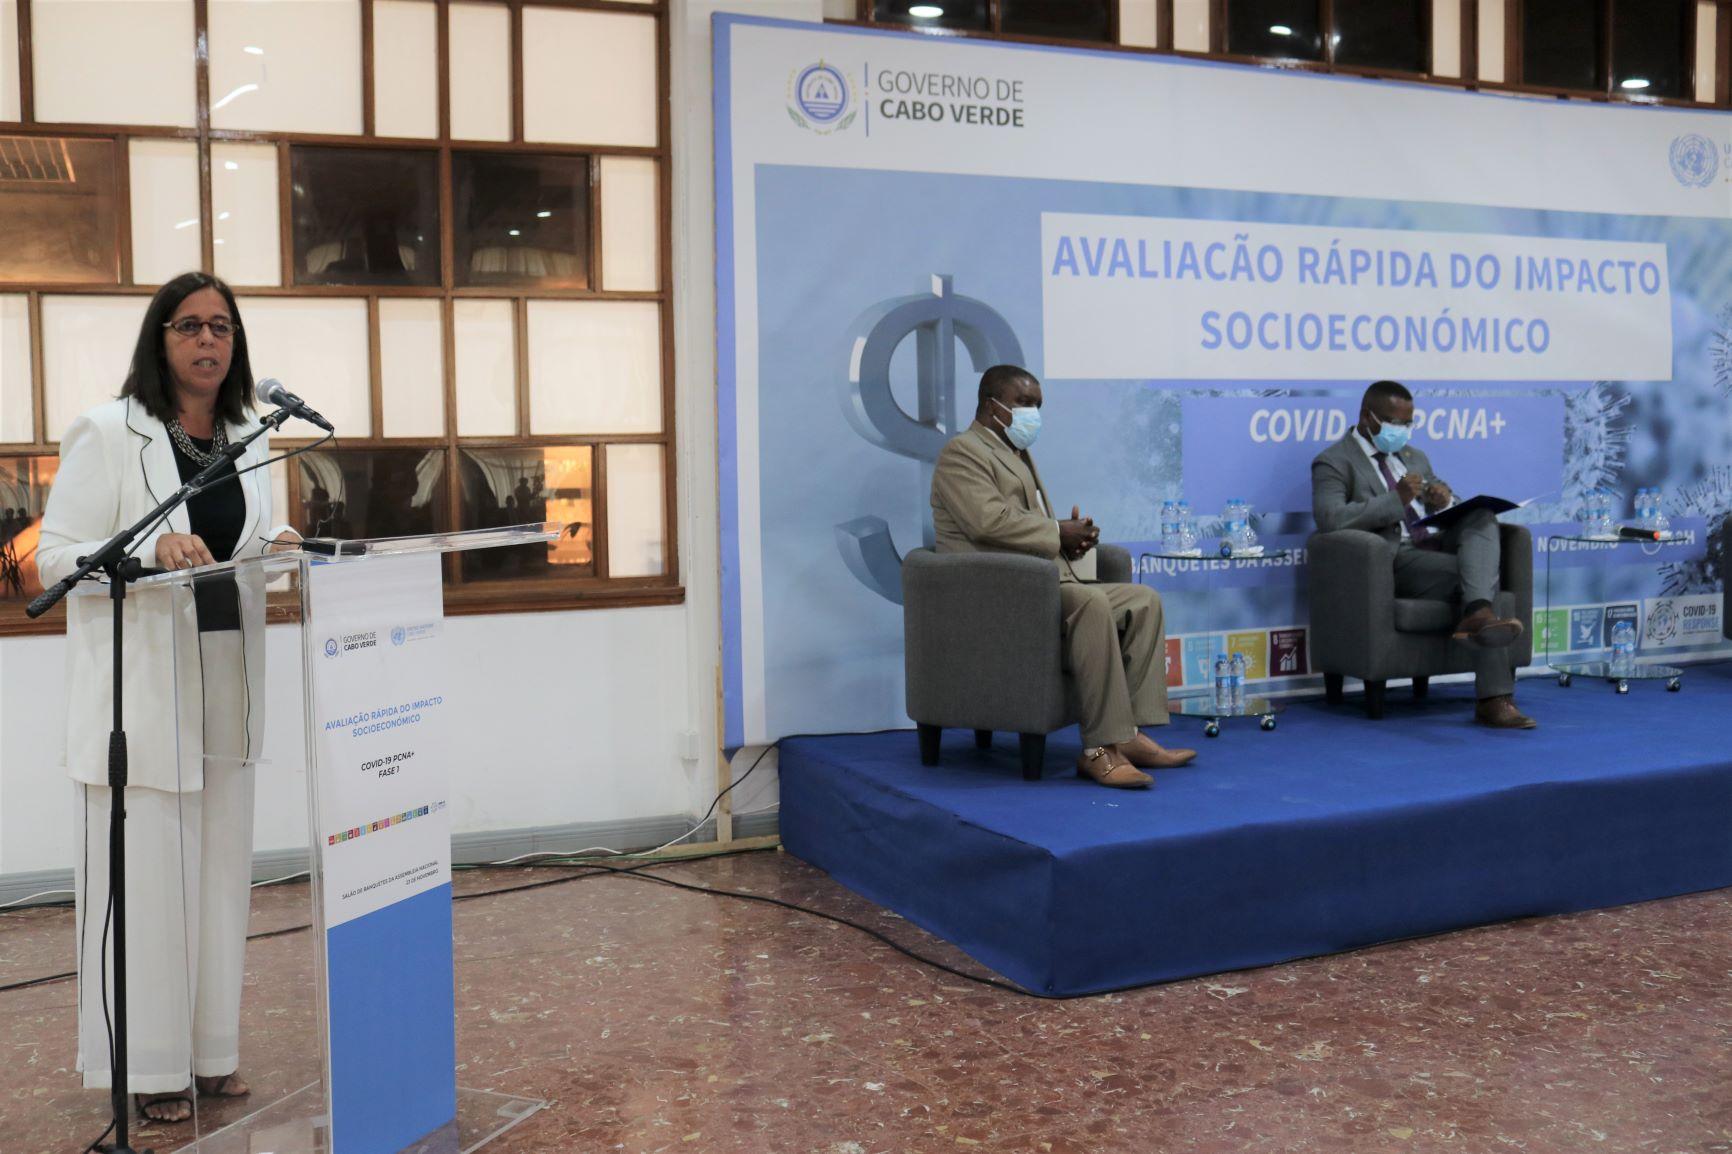 COVID-19 Cabo Verde apresenta  a Avaliação Rápida de Impacto de Crescimento Economico e o Plano Nacional de Resposta, Recuperação e Promoção da Economia